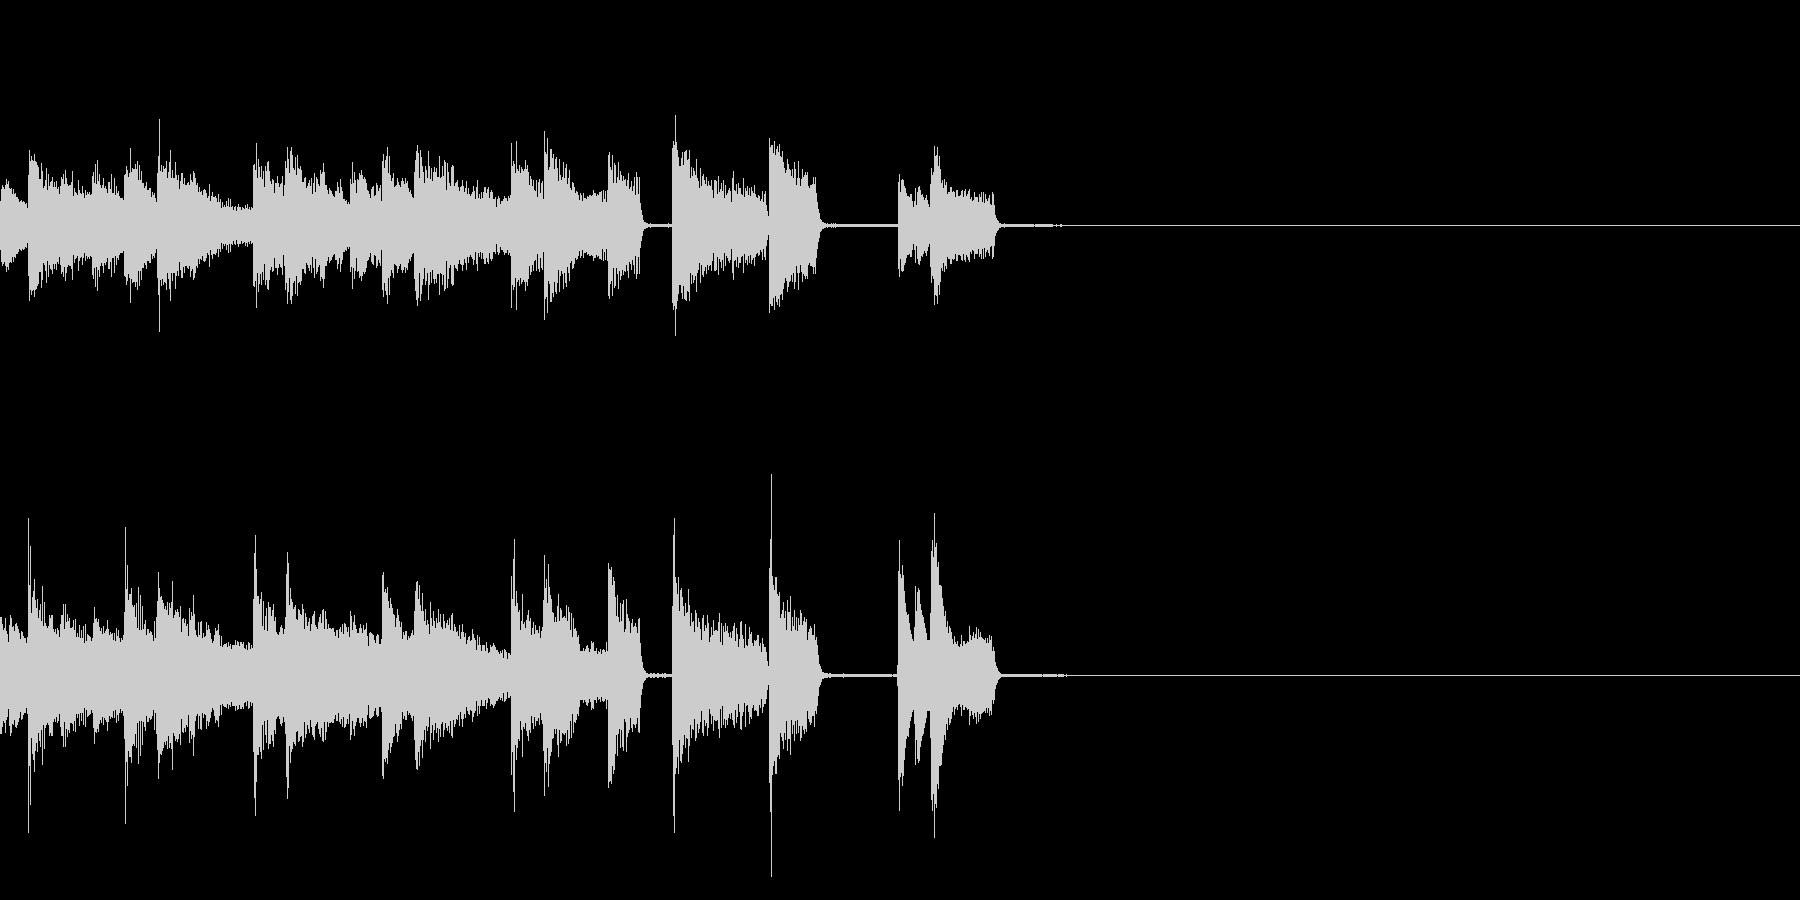 ピアノのパキパキとしたジングルの未再生の波形